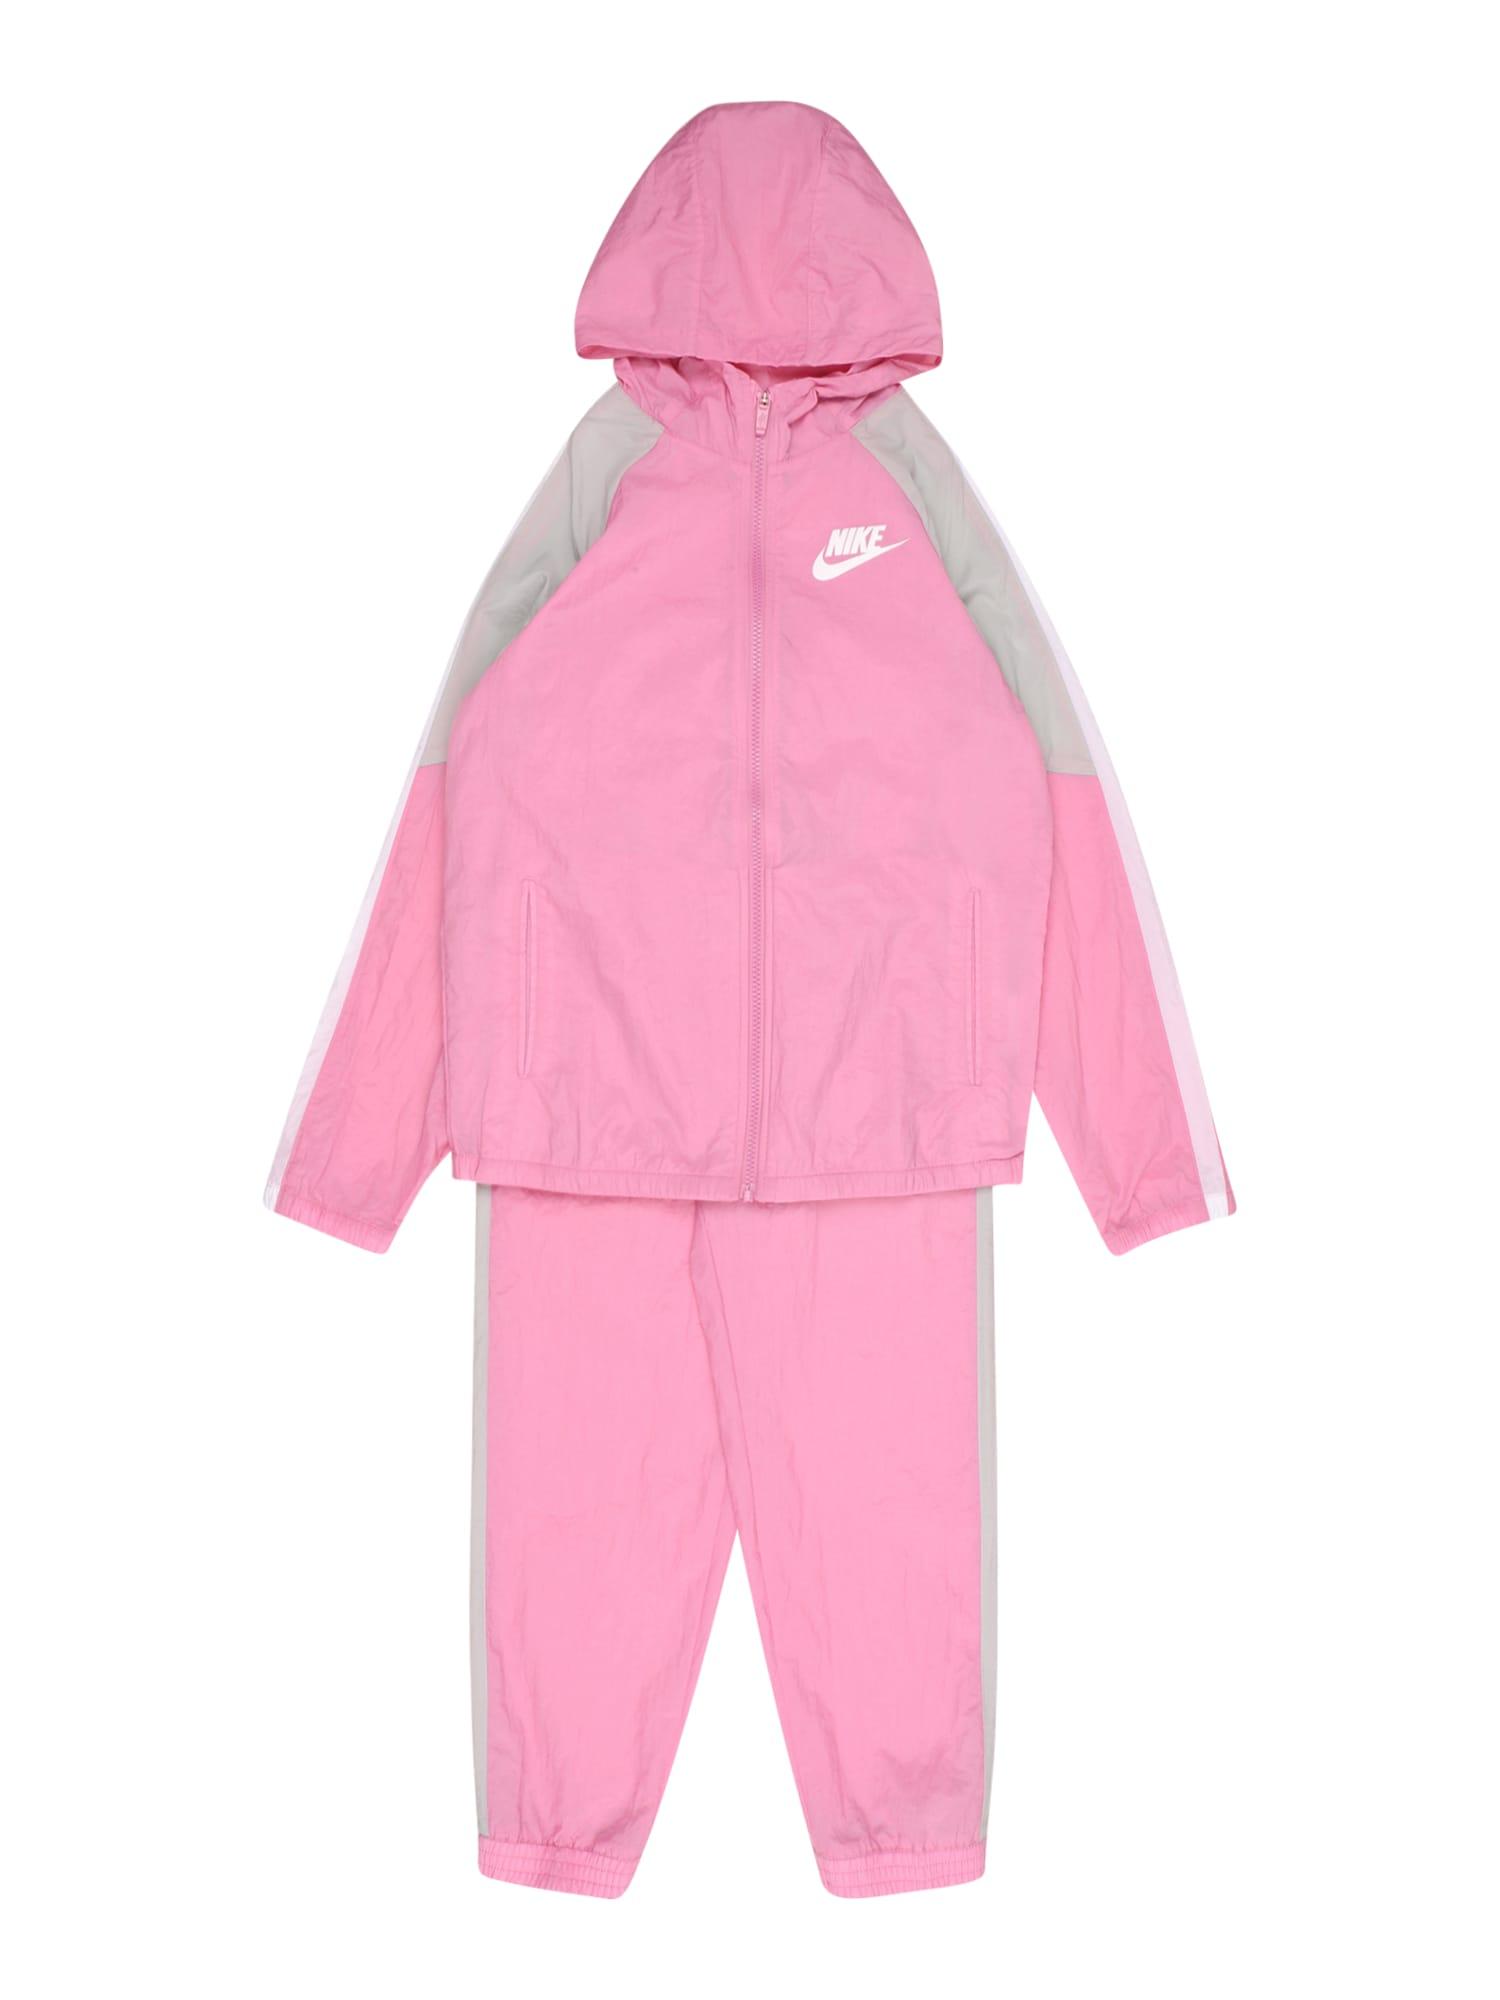 Nike Sportswear Kostiumas šviesiai pilka / rožių spalva / balta